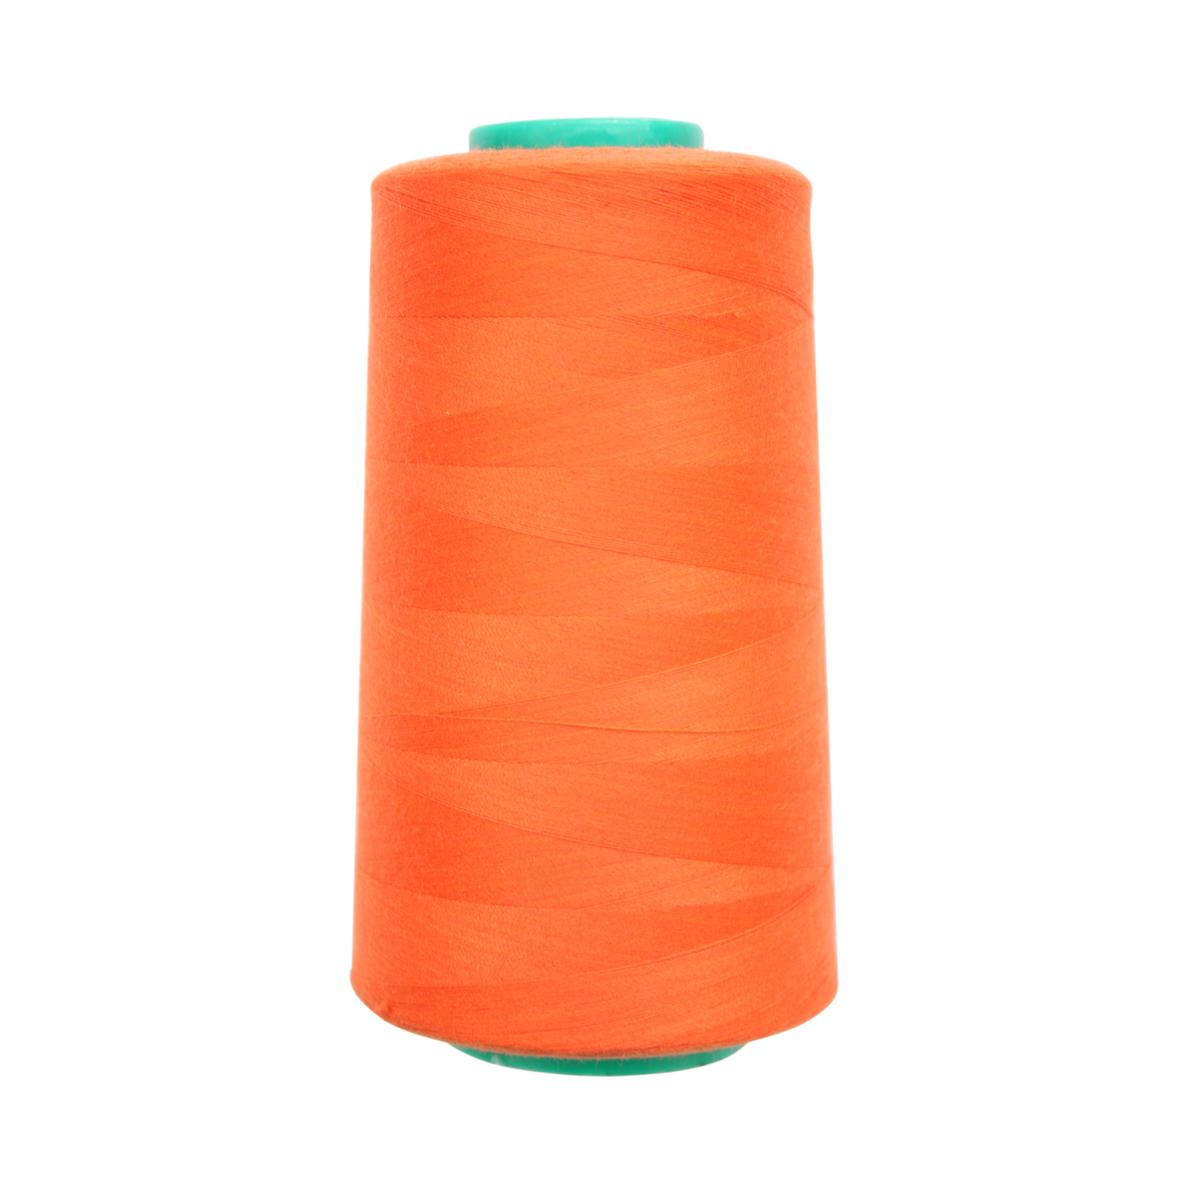 Нитки для шитья Bestex 50/2, 5000 ярд, цвет: т.оранжевый (218)7700936-218Сфера использования: трикотаж; ткани малого веса; оверлочные швы; отделка краев; вышивка. Размер игл №70-80